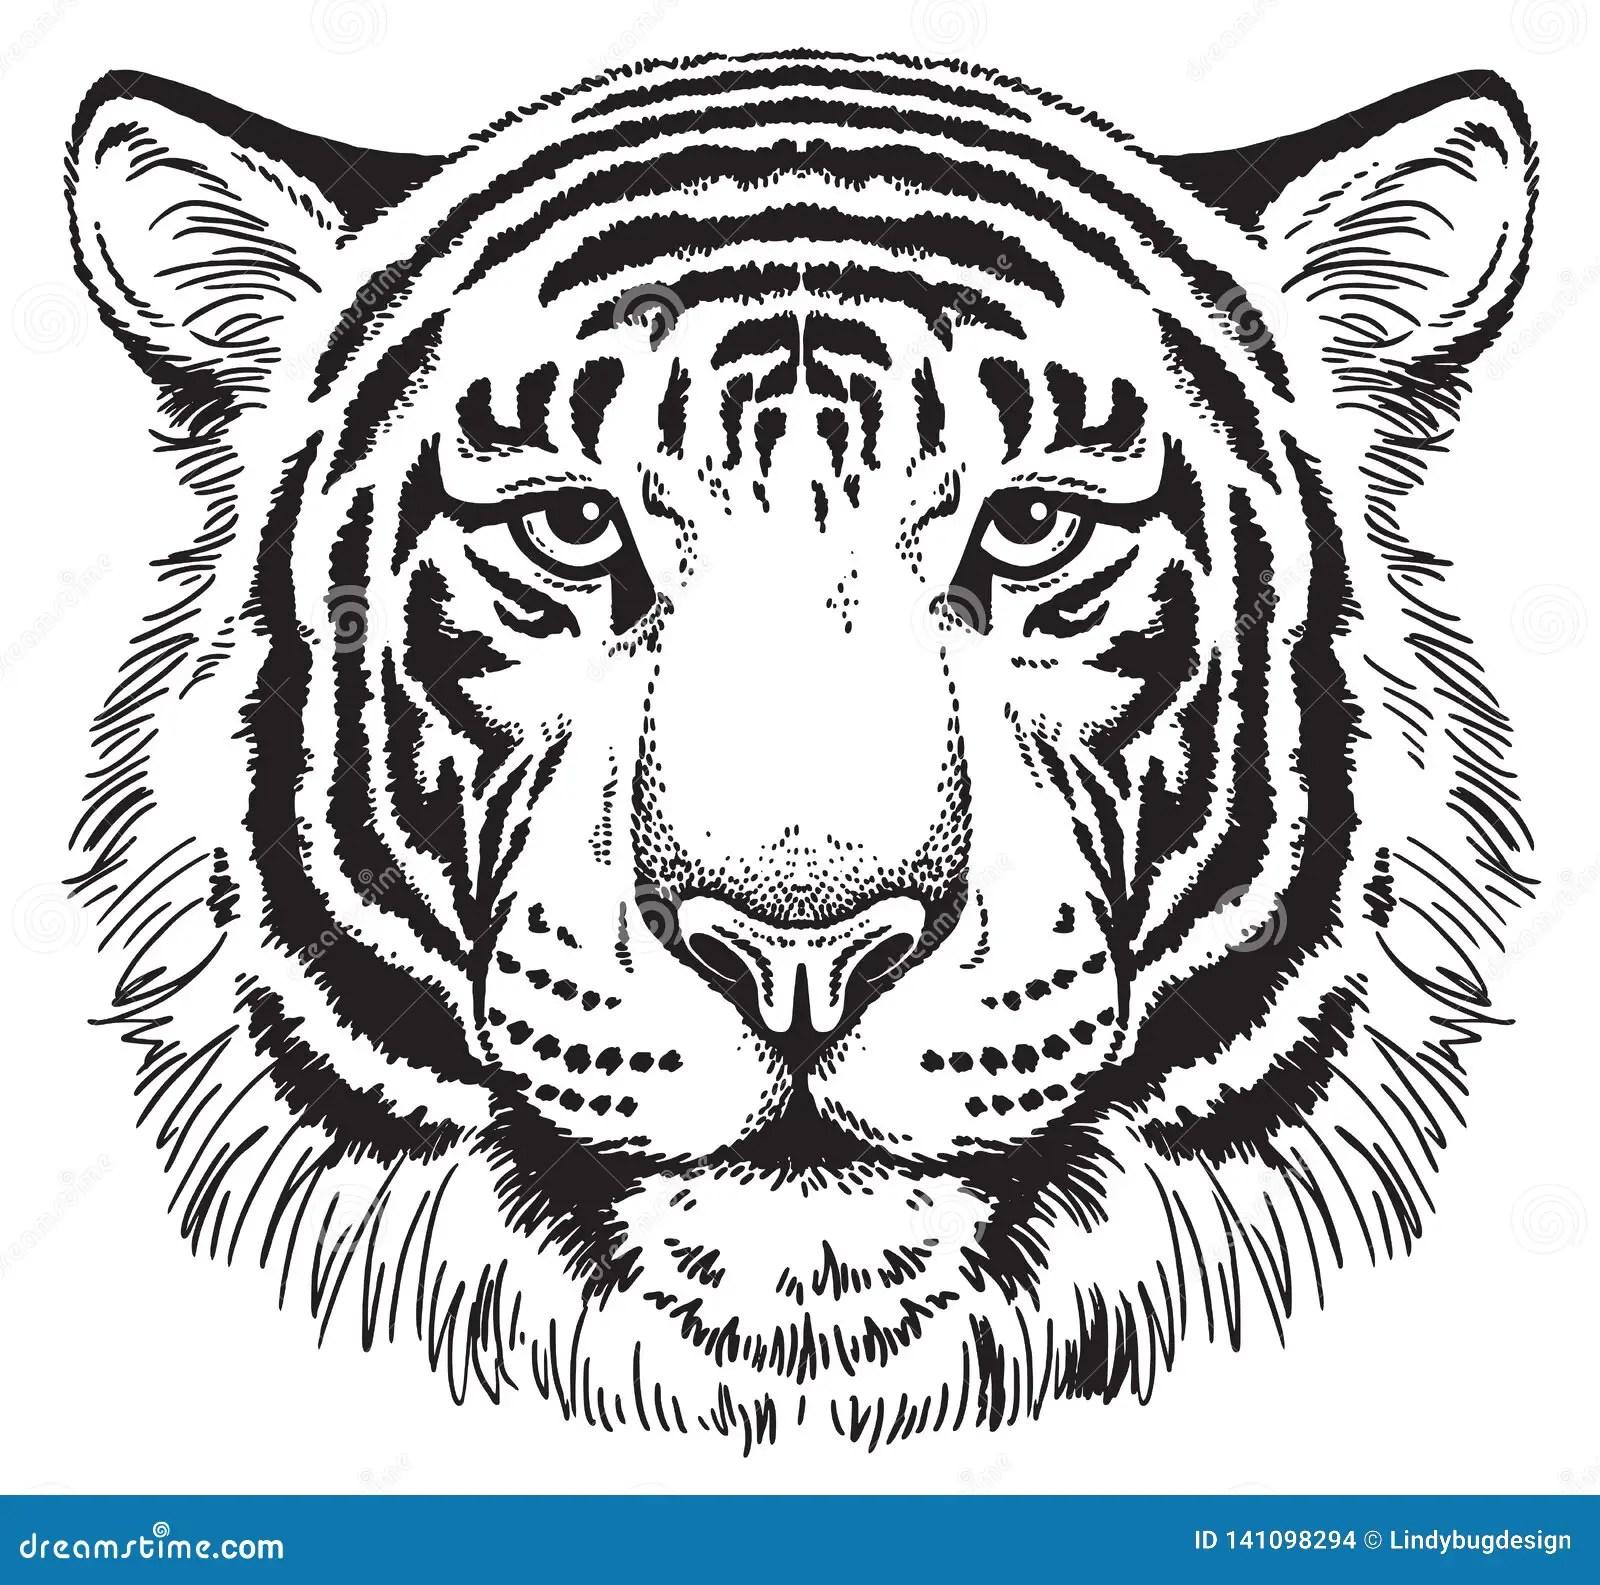 sketch of a tiger